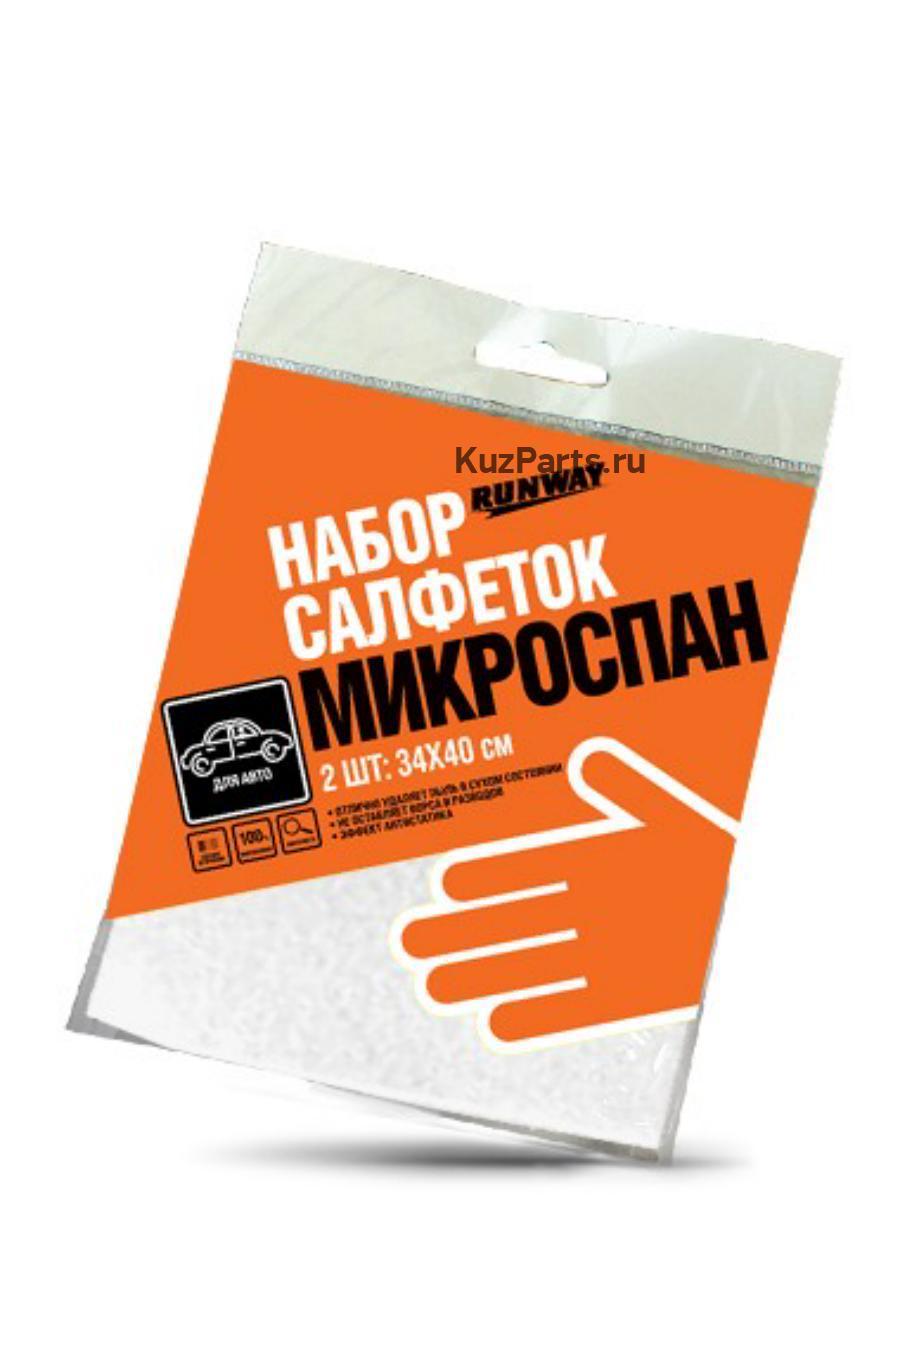 Набор салфеток Микроспан 2шт./34*40см/